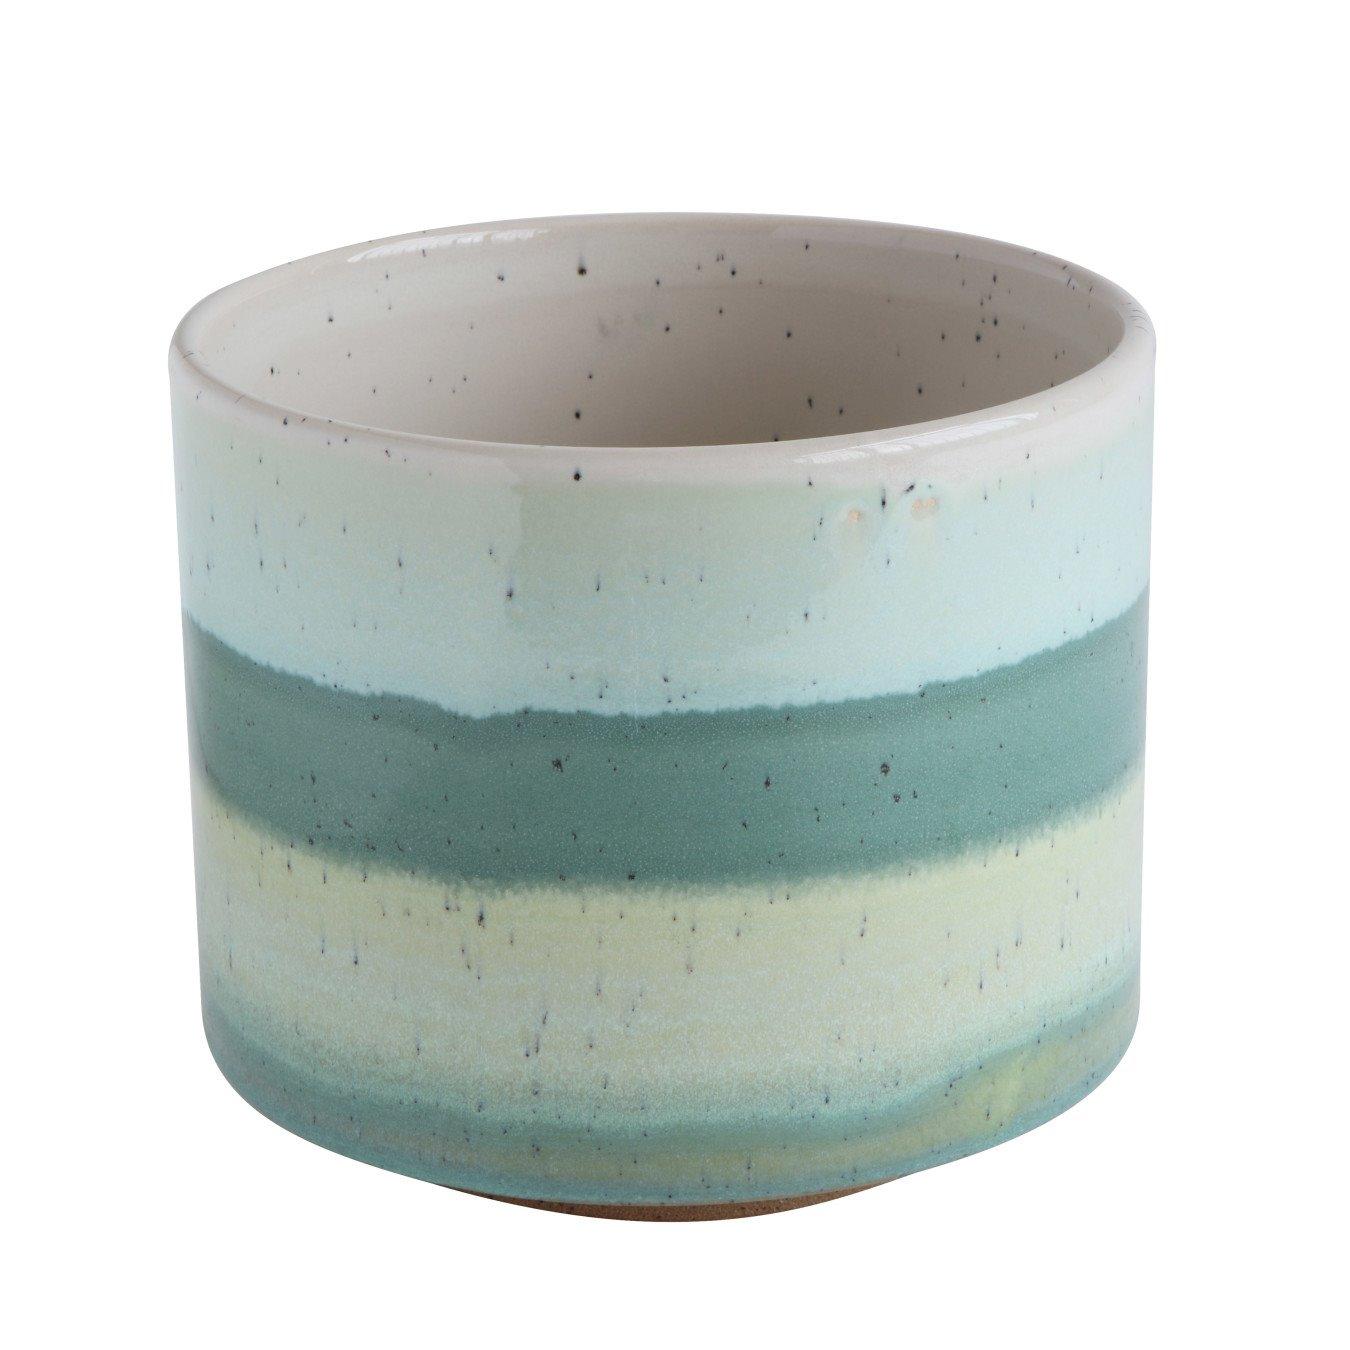 Green Striped Round Stoneware Flower Pot